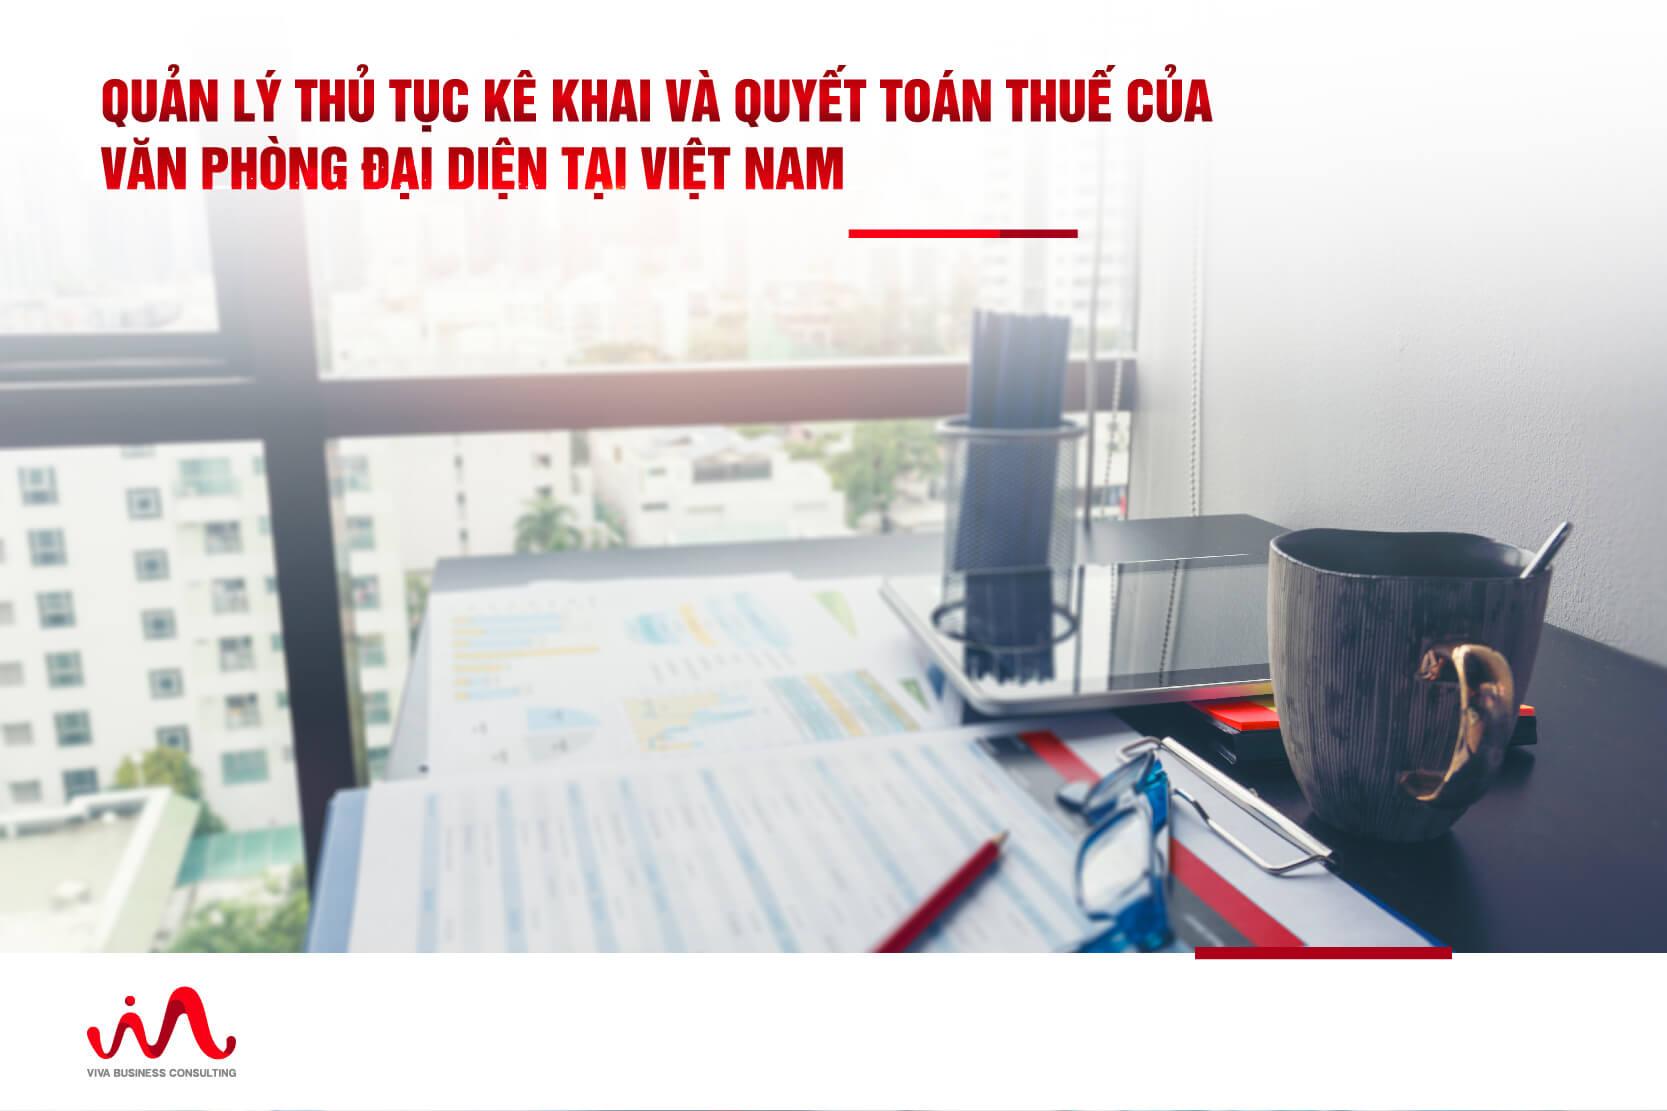 Thuế của văn phòng đại diện nước ngoài tại Việt Nam